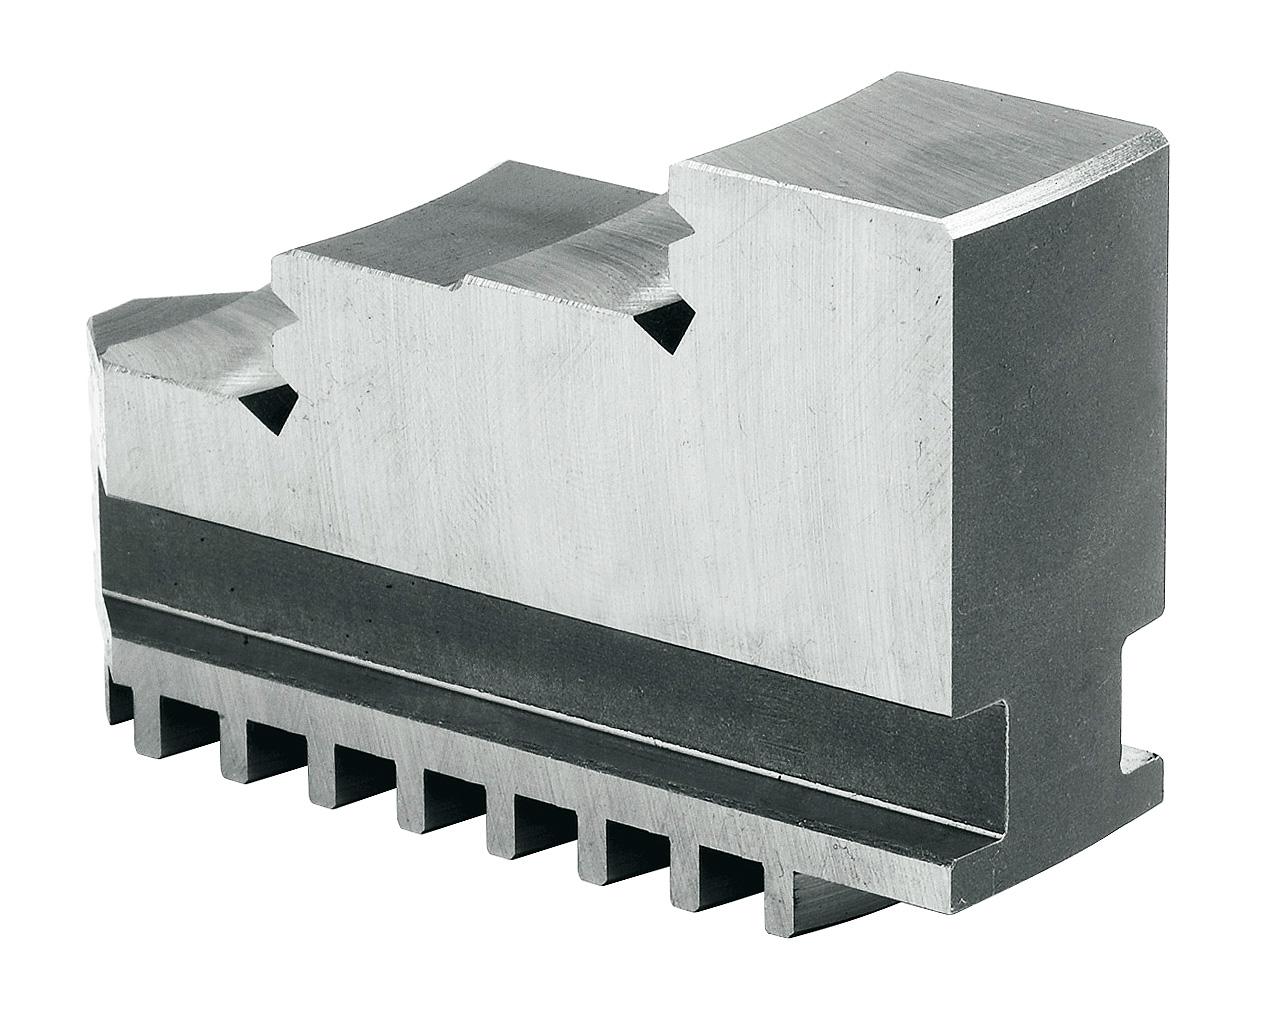 Szczęki jednolite twarde wewnętrzne - komplet IJ-PS3-80 BERNARDO